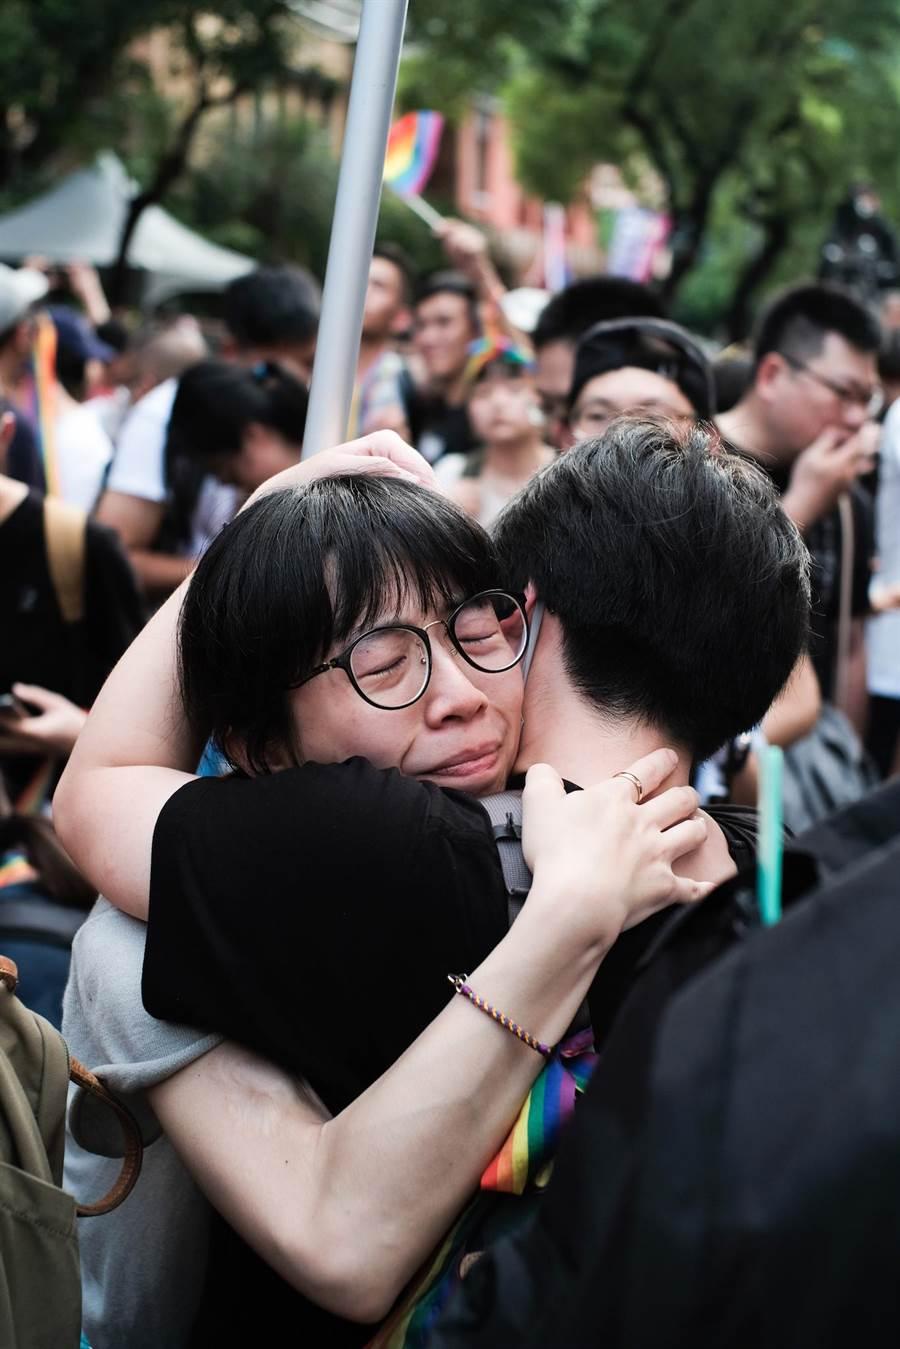 同婚法案三讀通過,雨中仍在院外守候的支持群眾獲知後激動擁抱。(郭吉銓攝)